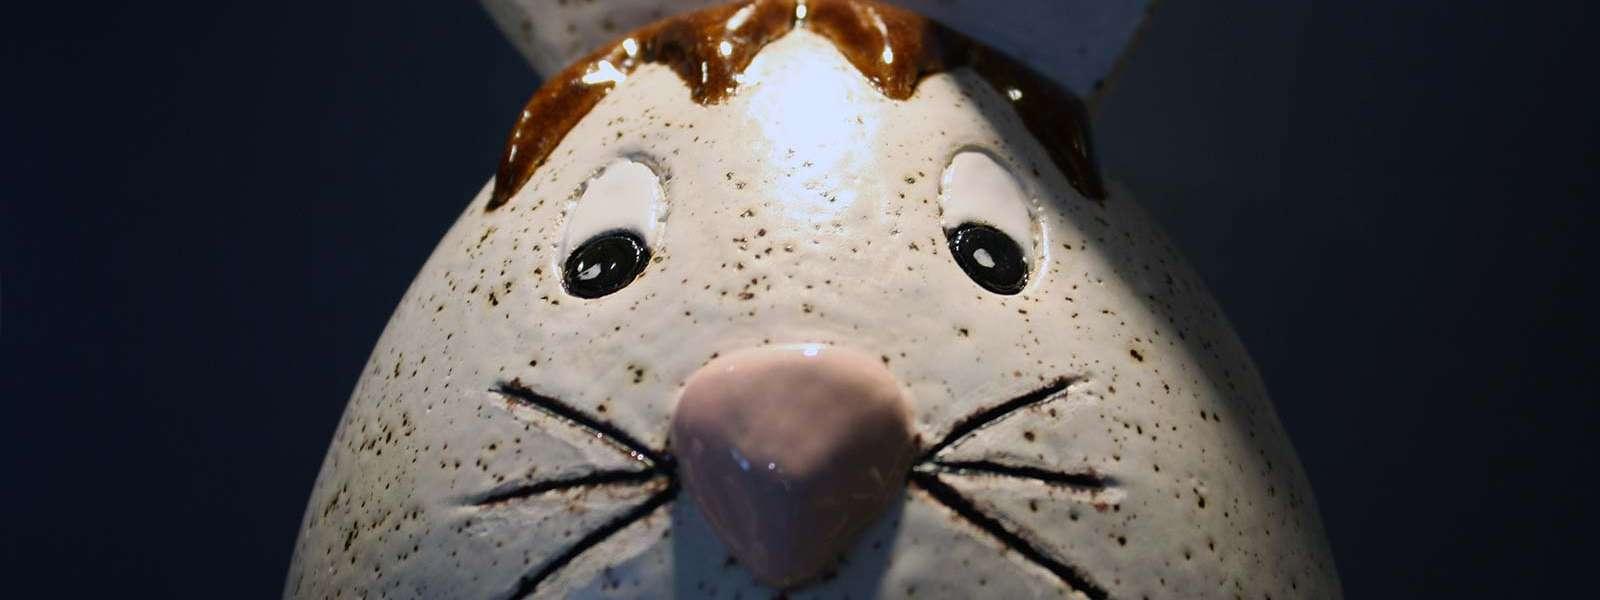 Exposition Artisa'Pâques, céramiques artisanales de Delphine Picamelot, Niederbronn-les-Bains